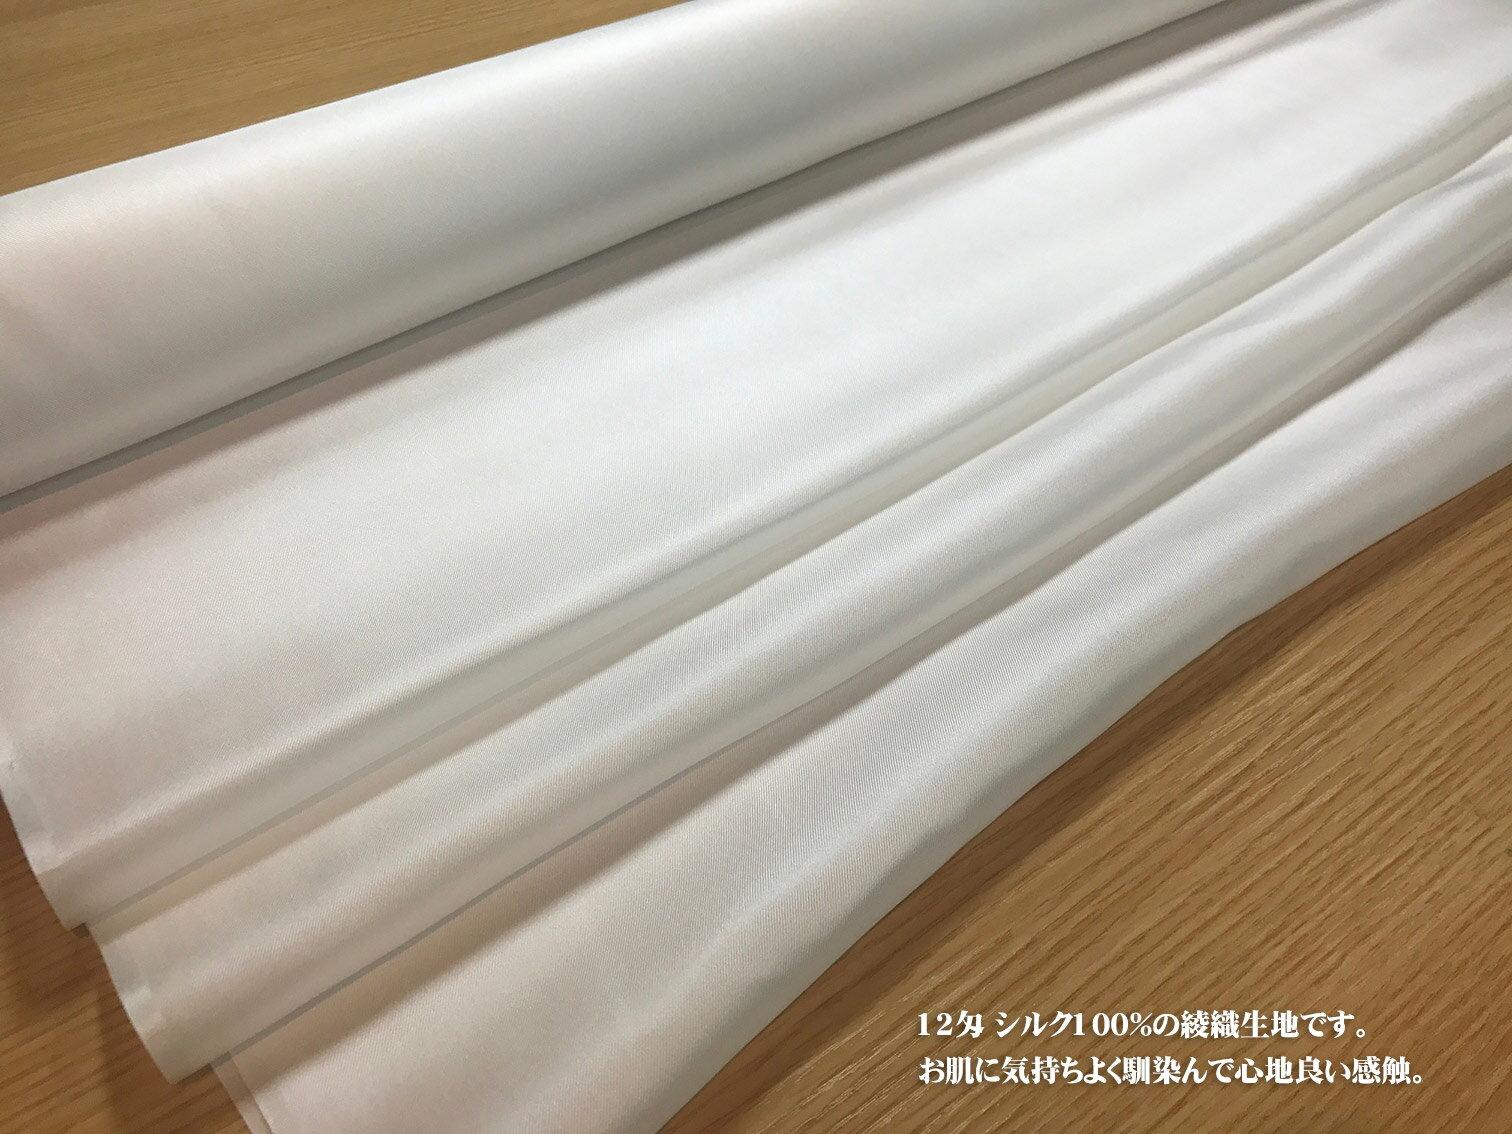 絹シーツ・枕カバー・スカーフ向けシルク生地silk100%白生地薄手シャリ感のある12匁シルク綾織(110cm幅) しなやかで肌触りのよい生地。 あかすり/保湿/ 美容シルク/お化粧タオル/枕カバー可 1m単位で切り売りします【切売】